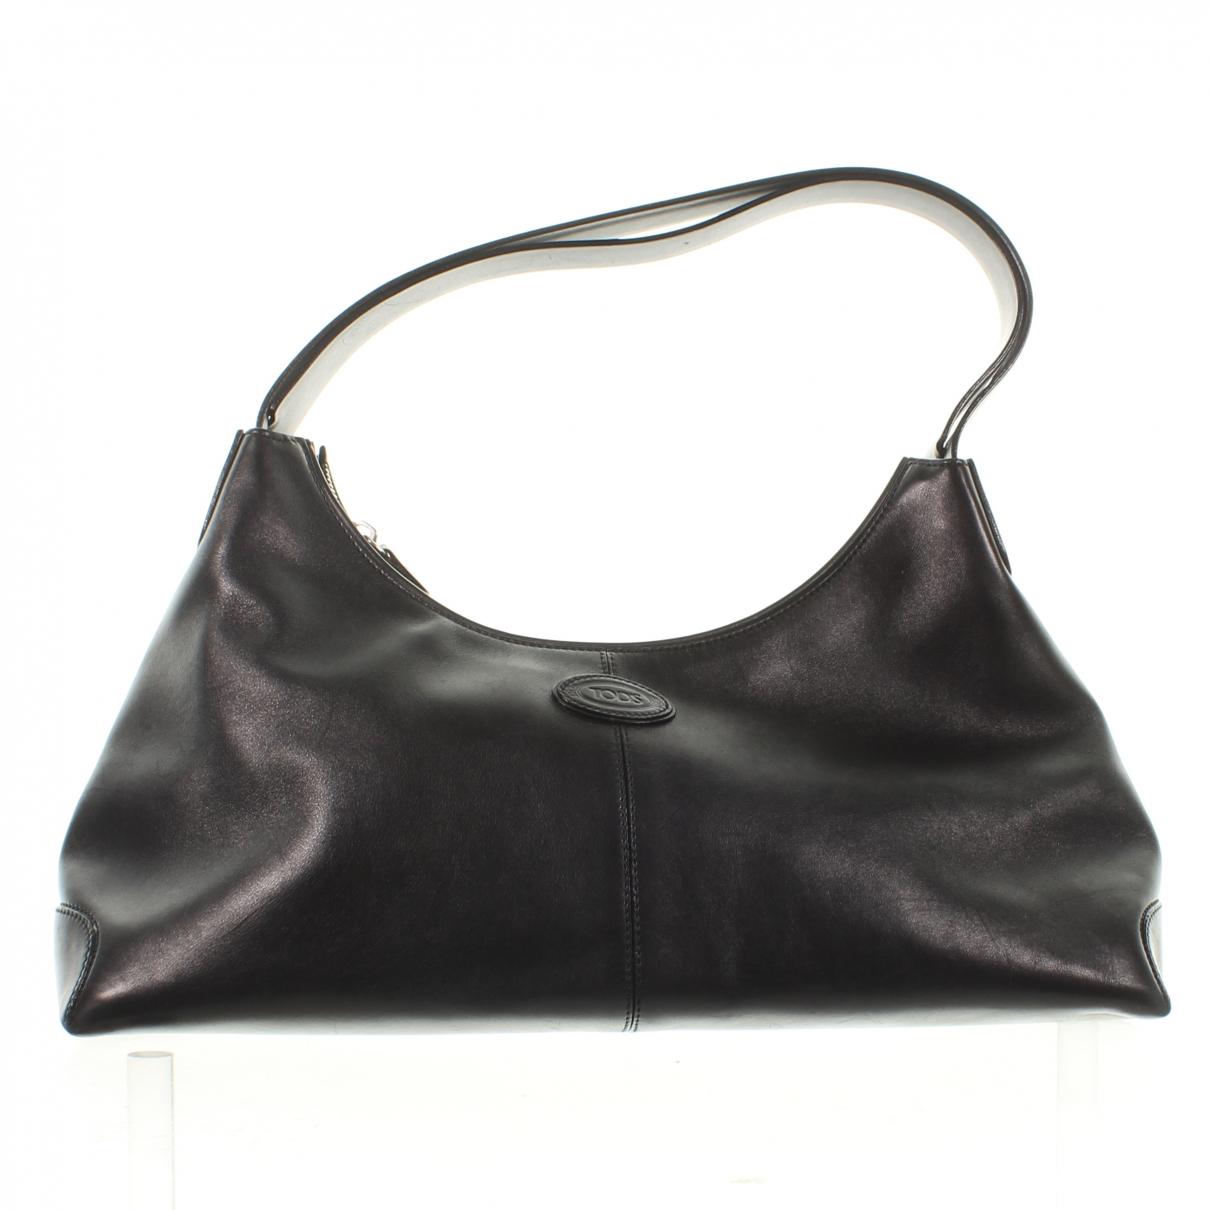 Tod's \N Black Leather handbag for Women \N